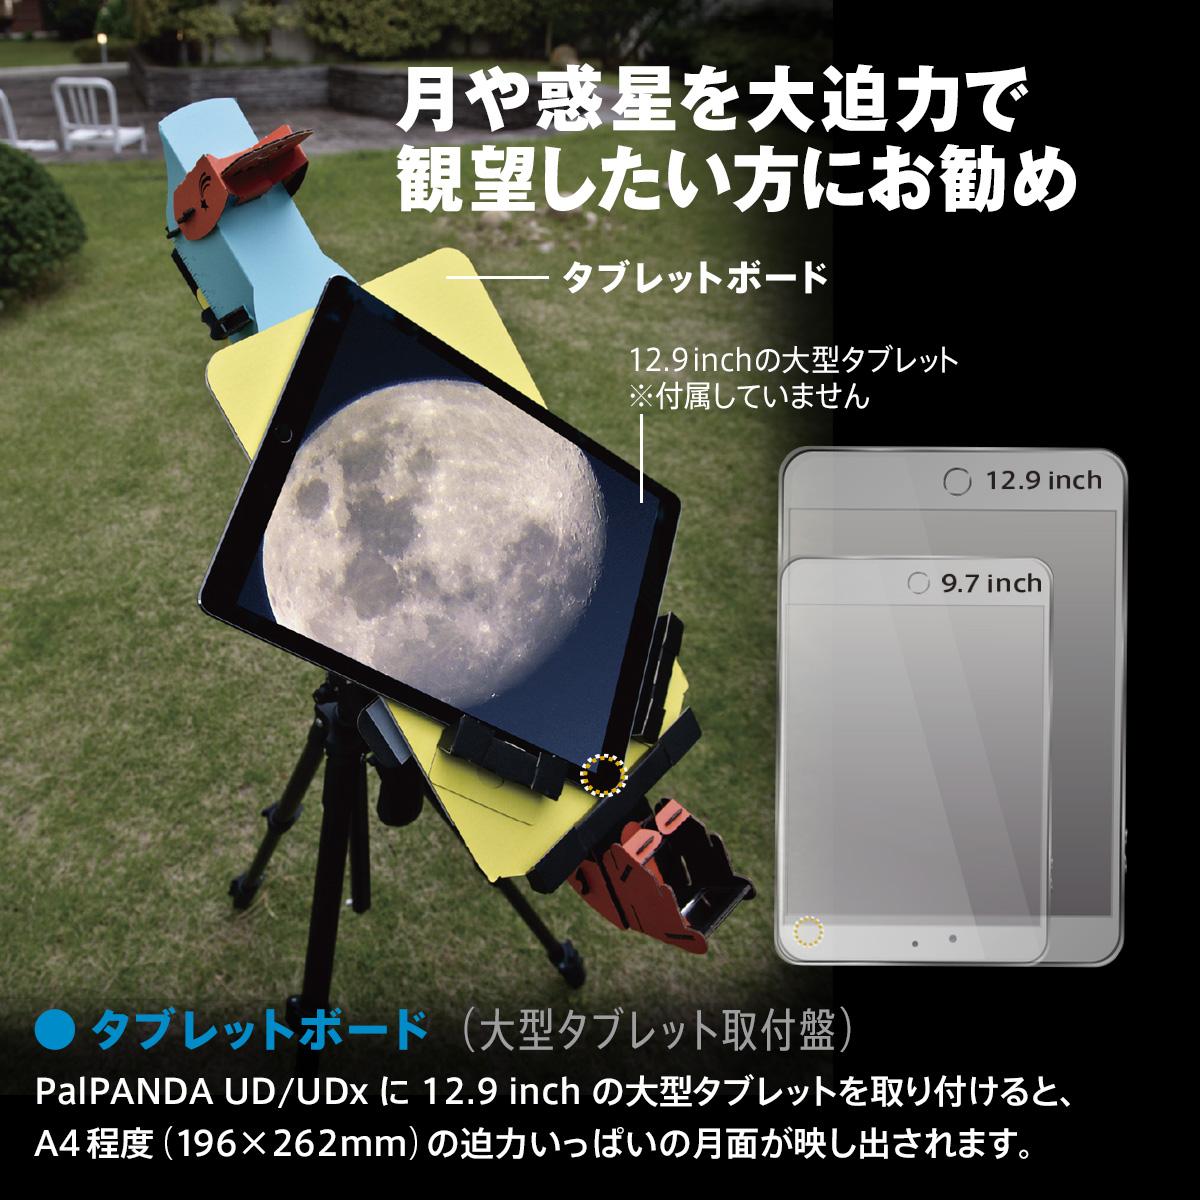 スマホ天体望遠鏡 PalPANDA UD:To_AC_PaPan_UD 商品詳細 リランフェート